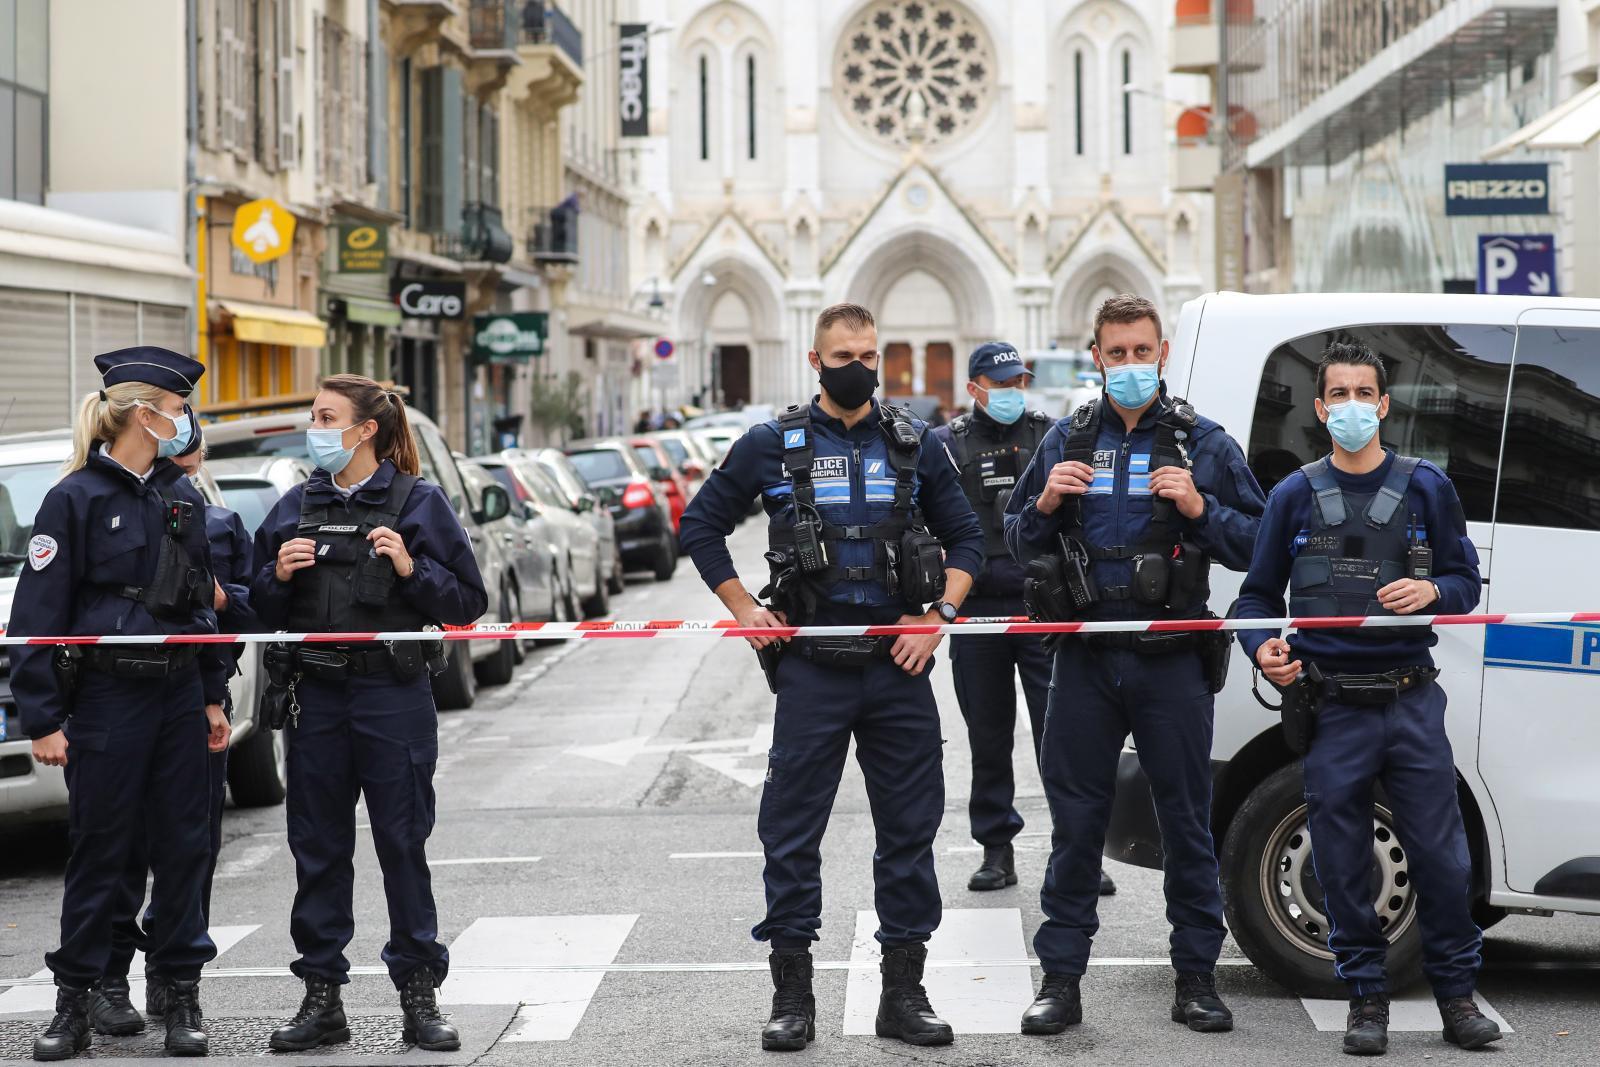 ฝรั่งเศสเฝ้าระวังสูงสุด หลังคนร้ายบุกแทงประชาชนเสียชีวิต